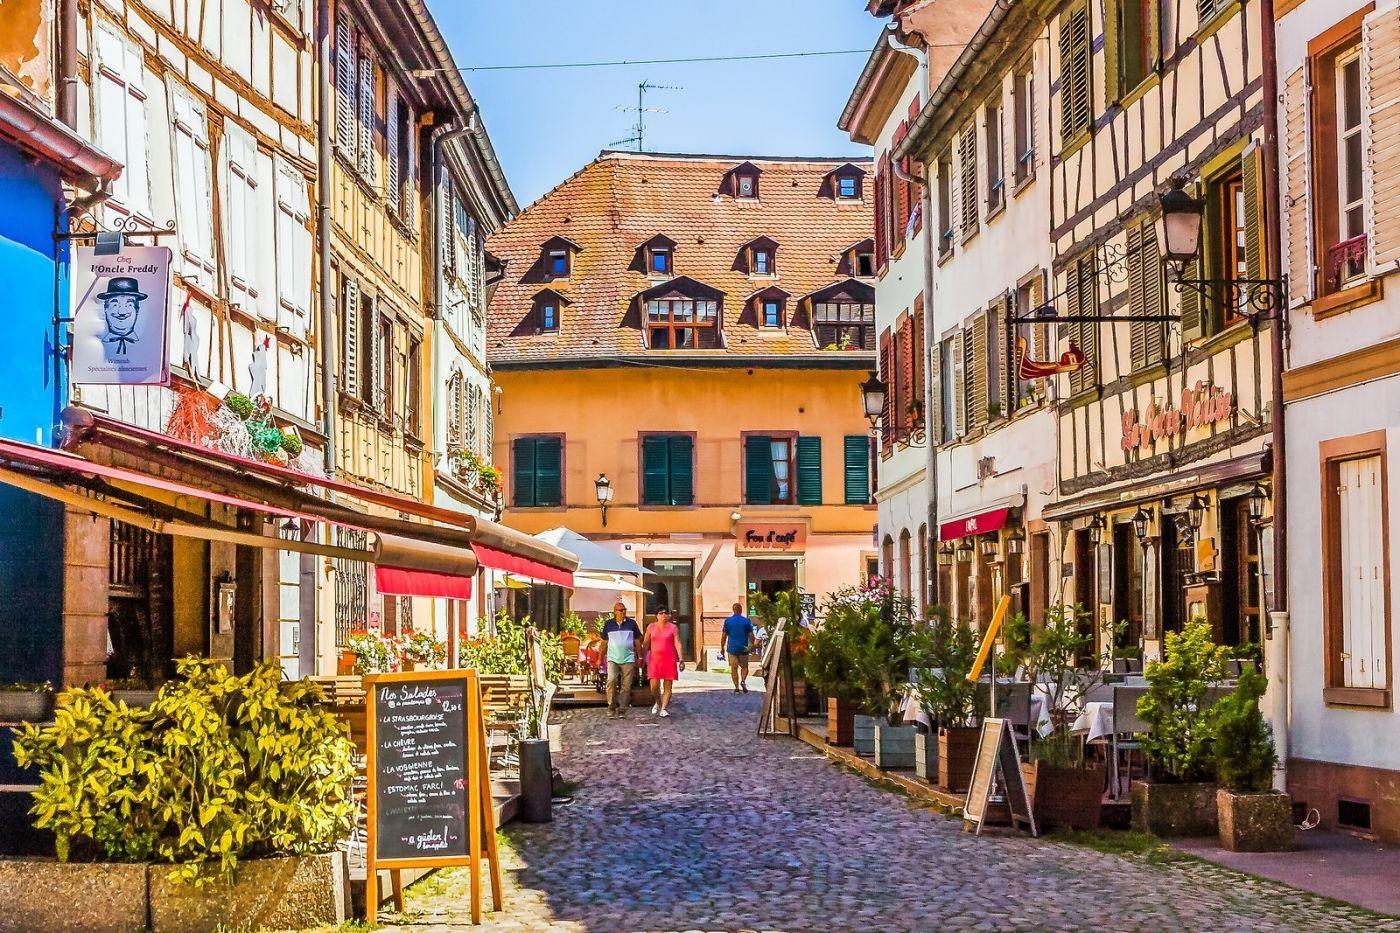 法国斯特拉斯堡(Strasbourg),边走边拍_图1-2